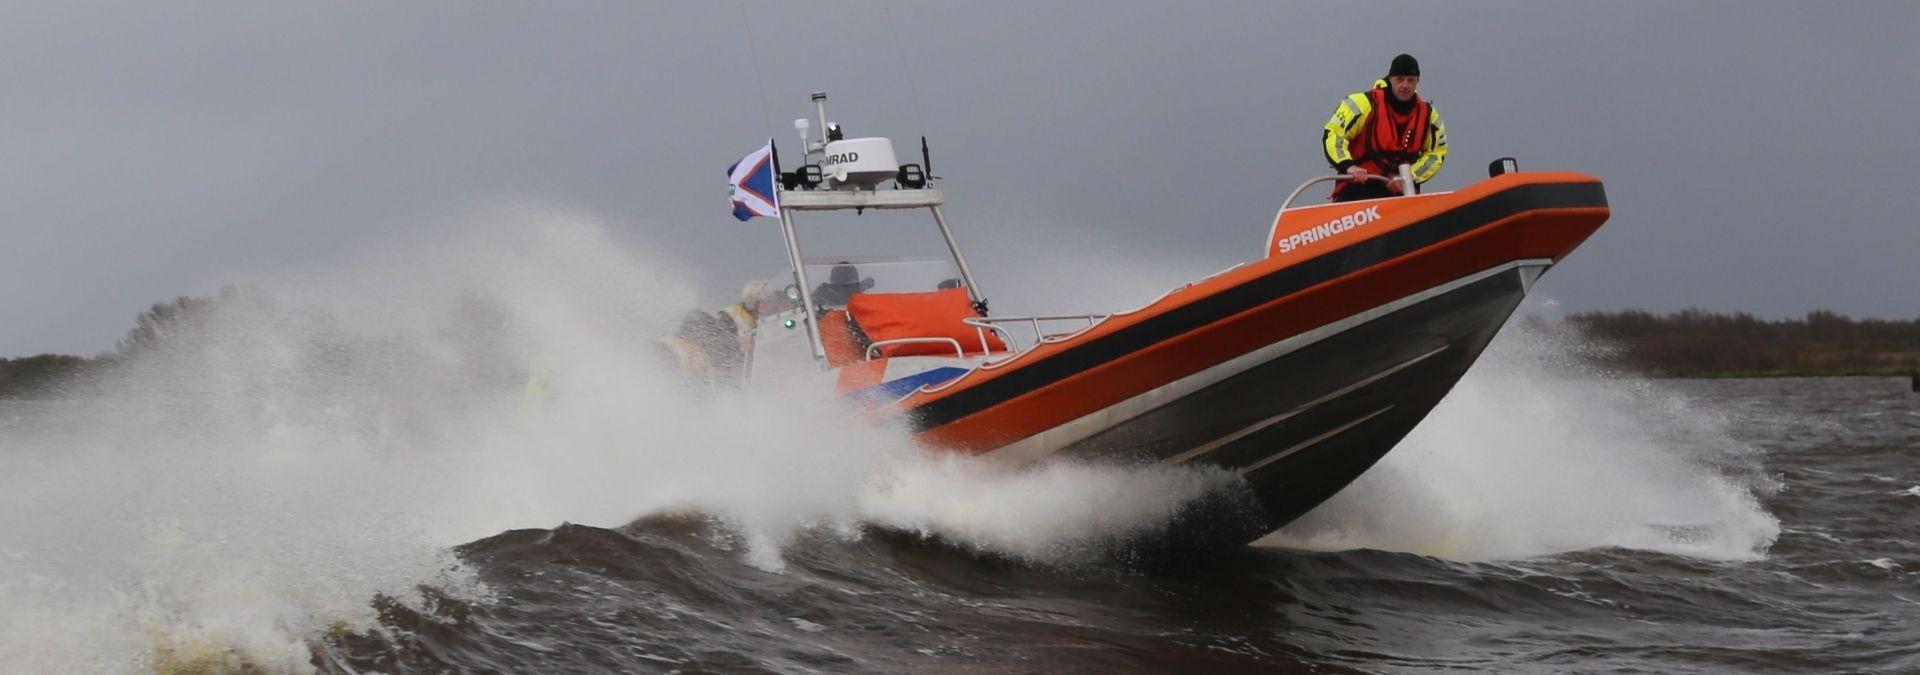 Reddingboot Springbok